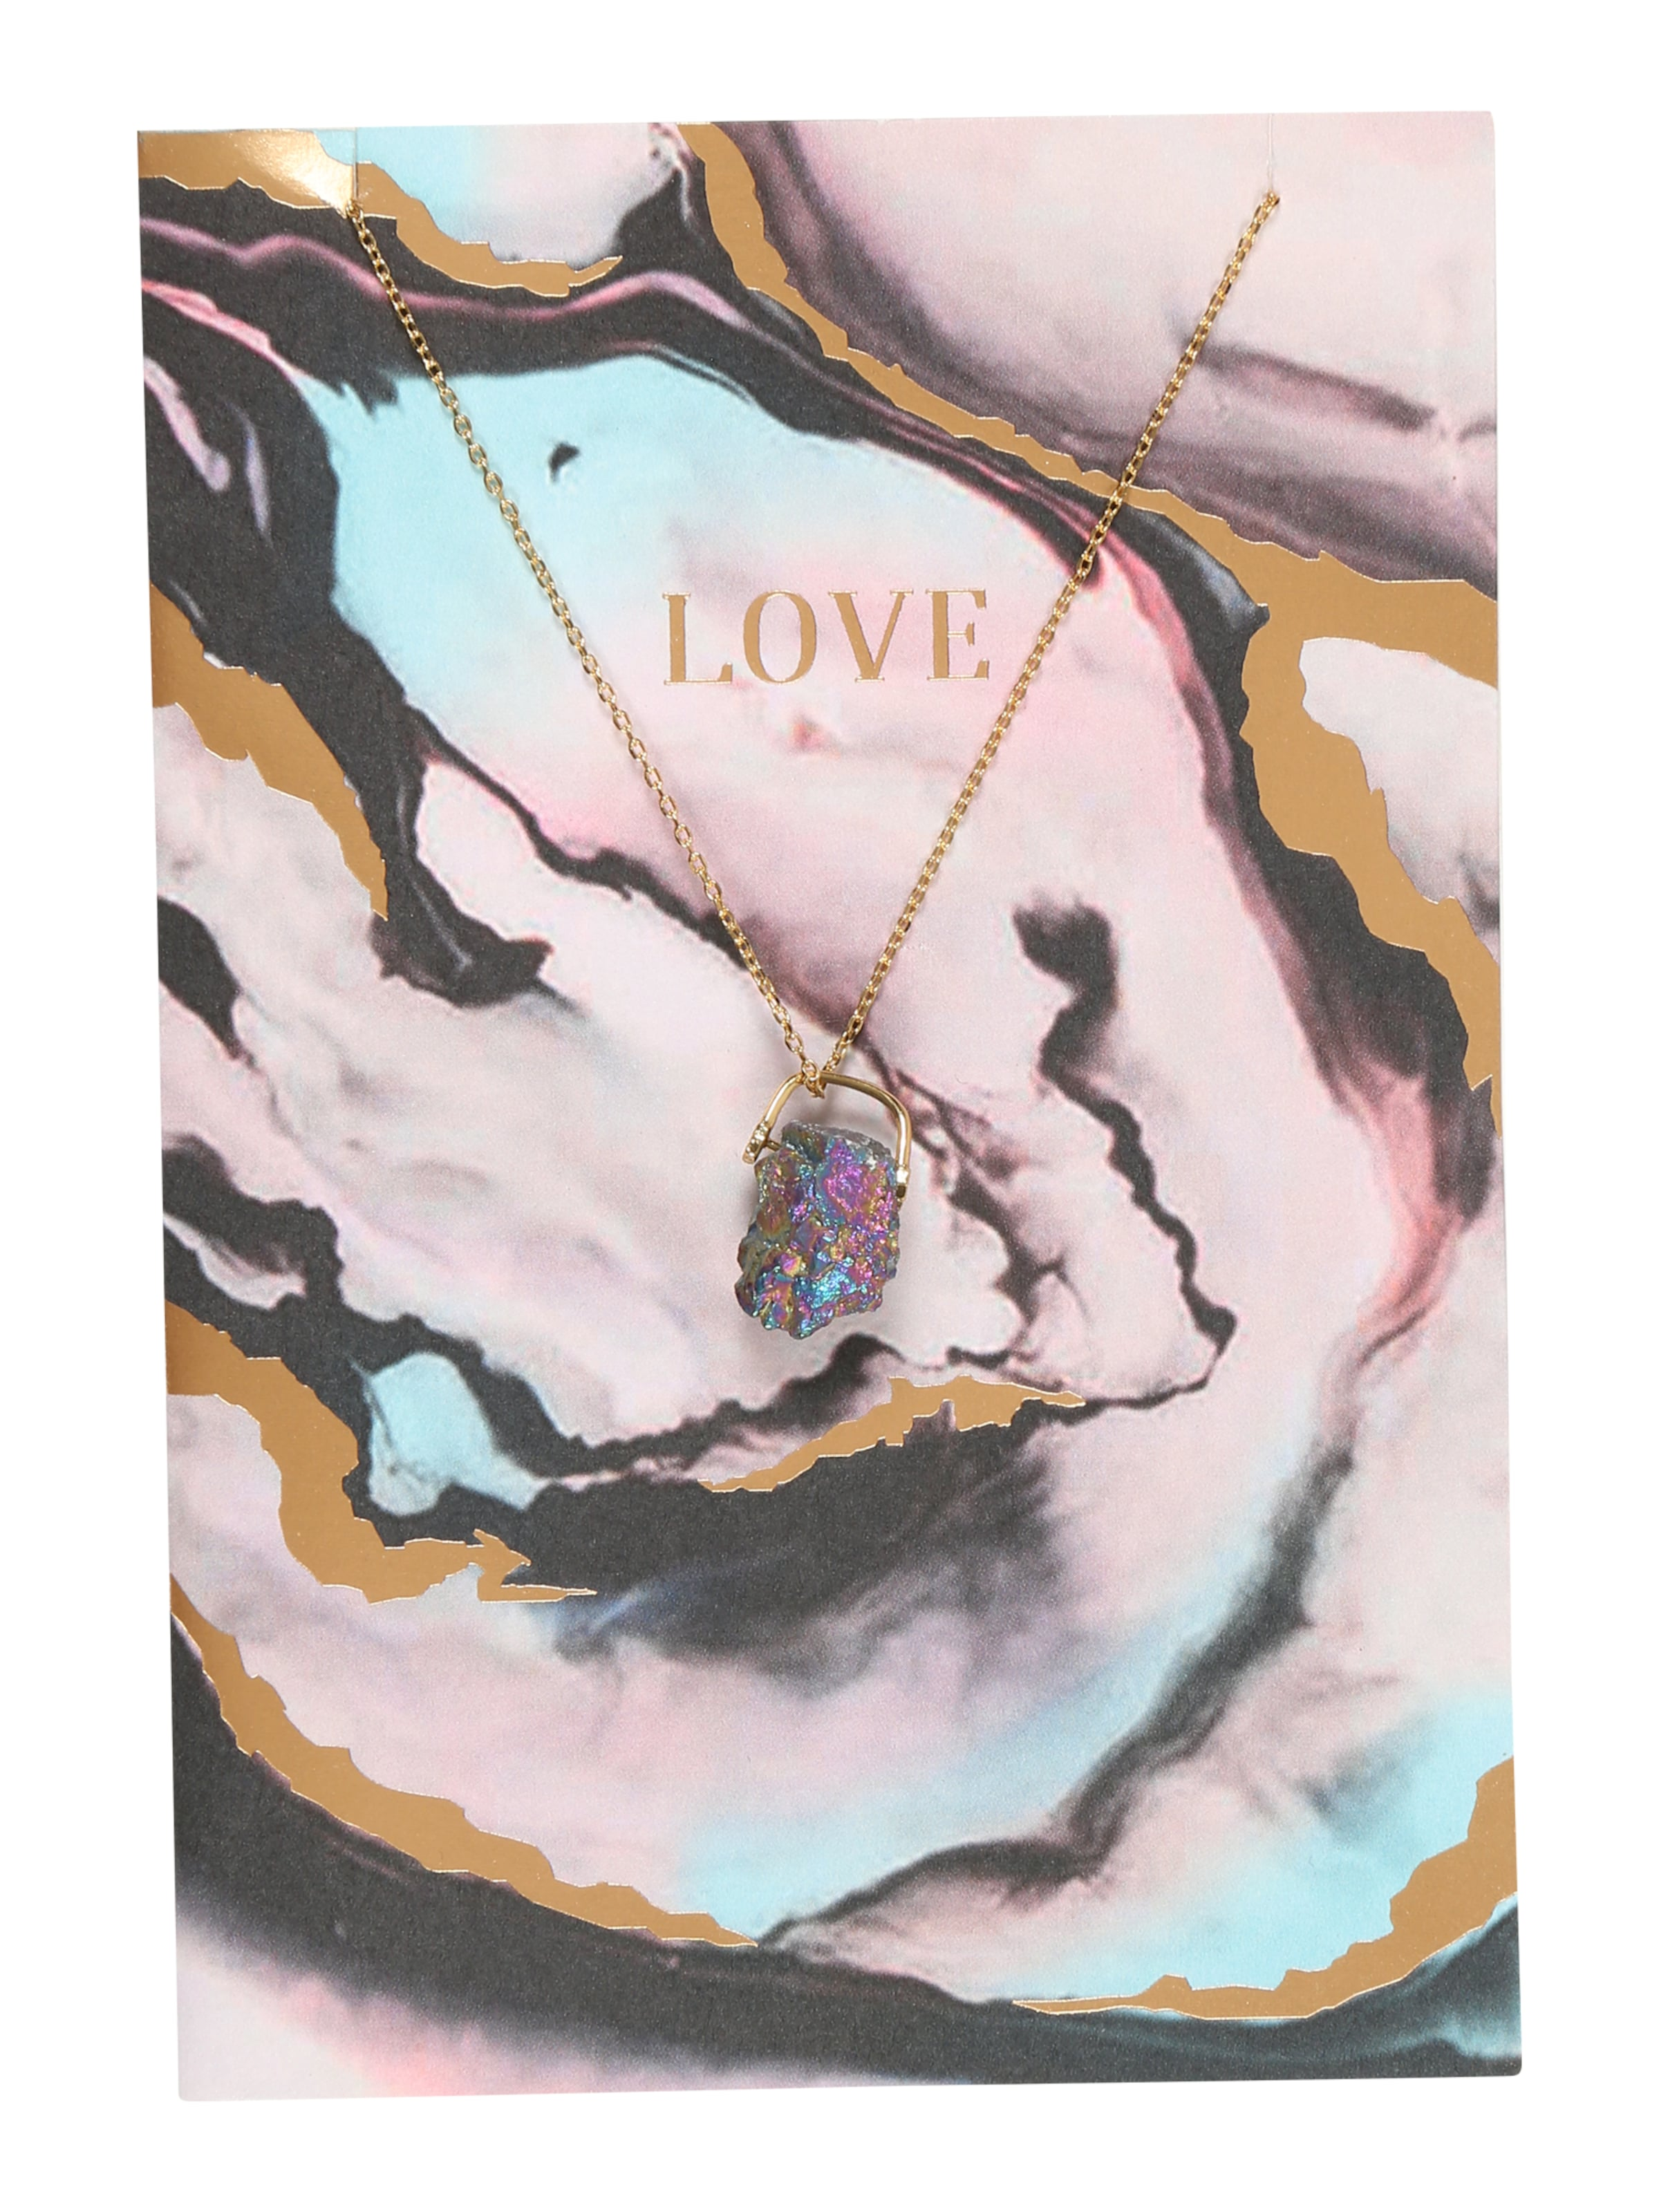 Orelia Grußkarte 'LOVE Quartz Necklace Giftcard' Auslass Empfehlen Günstig Kaufen Kauf ShNoB